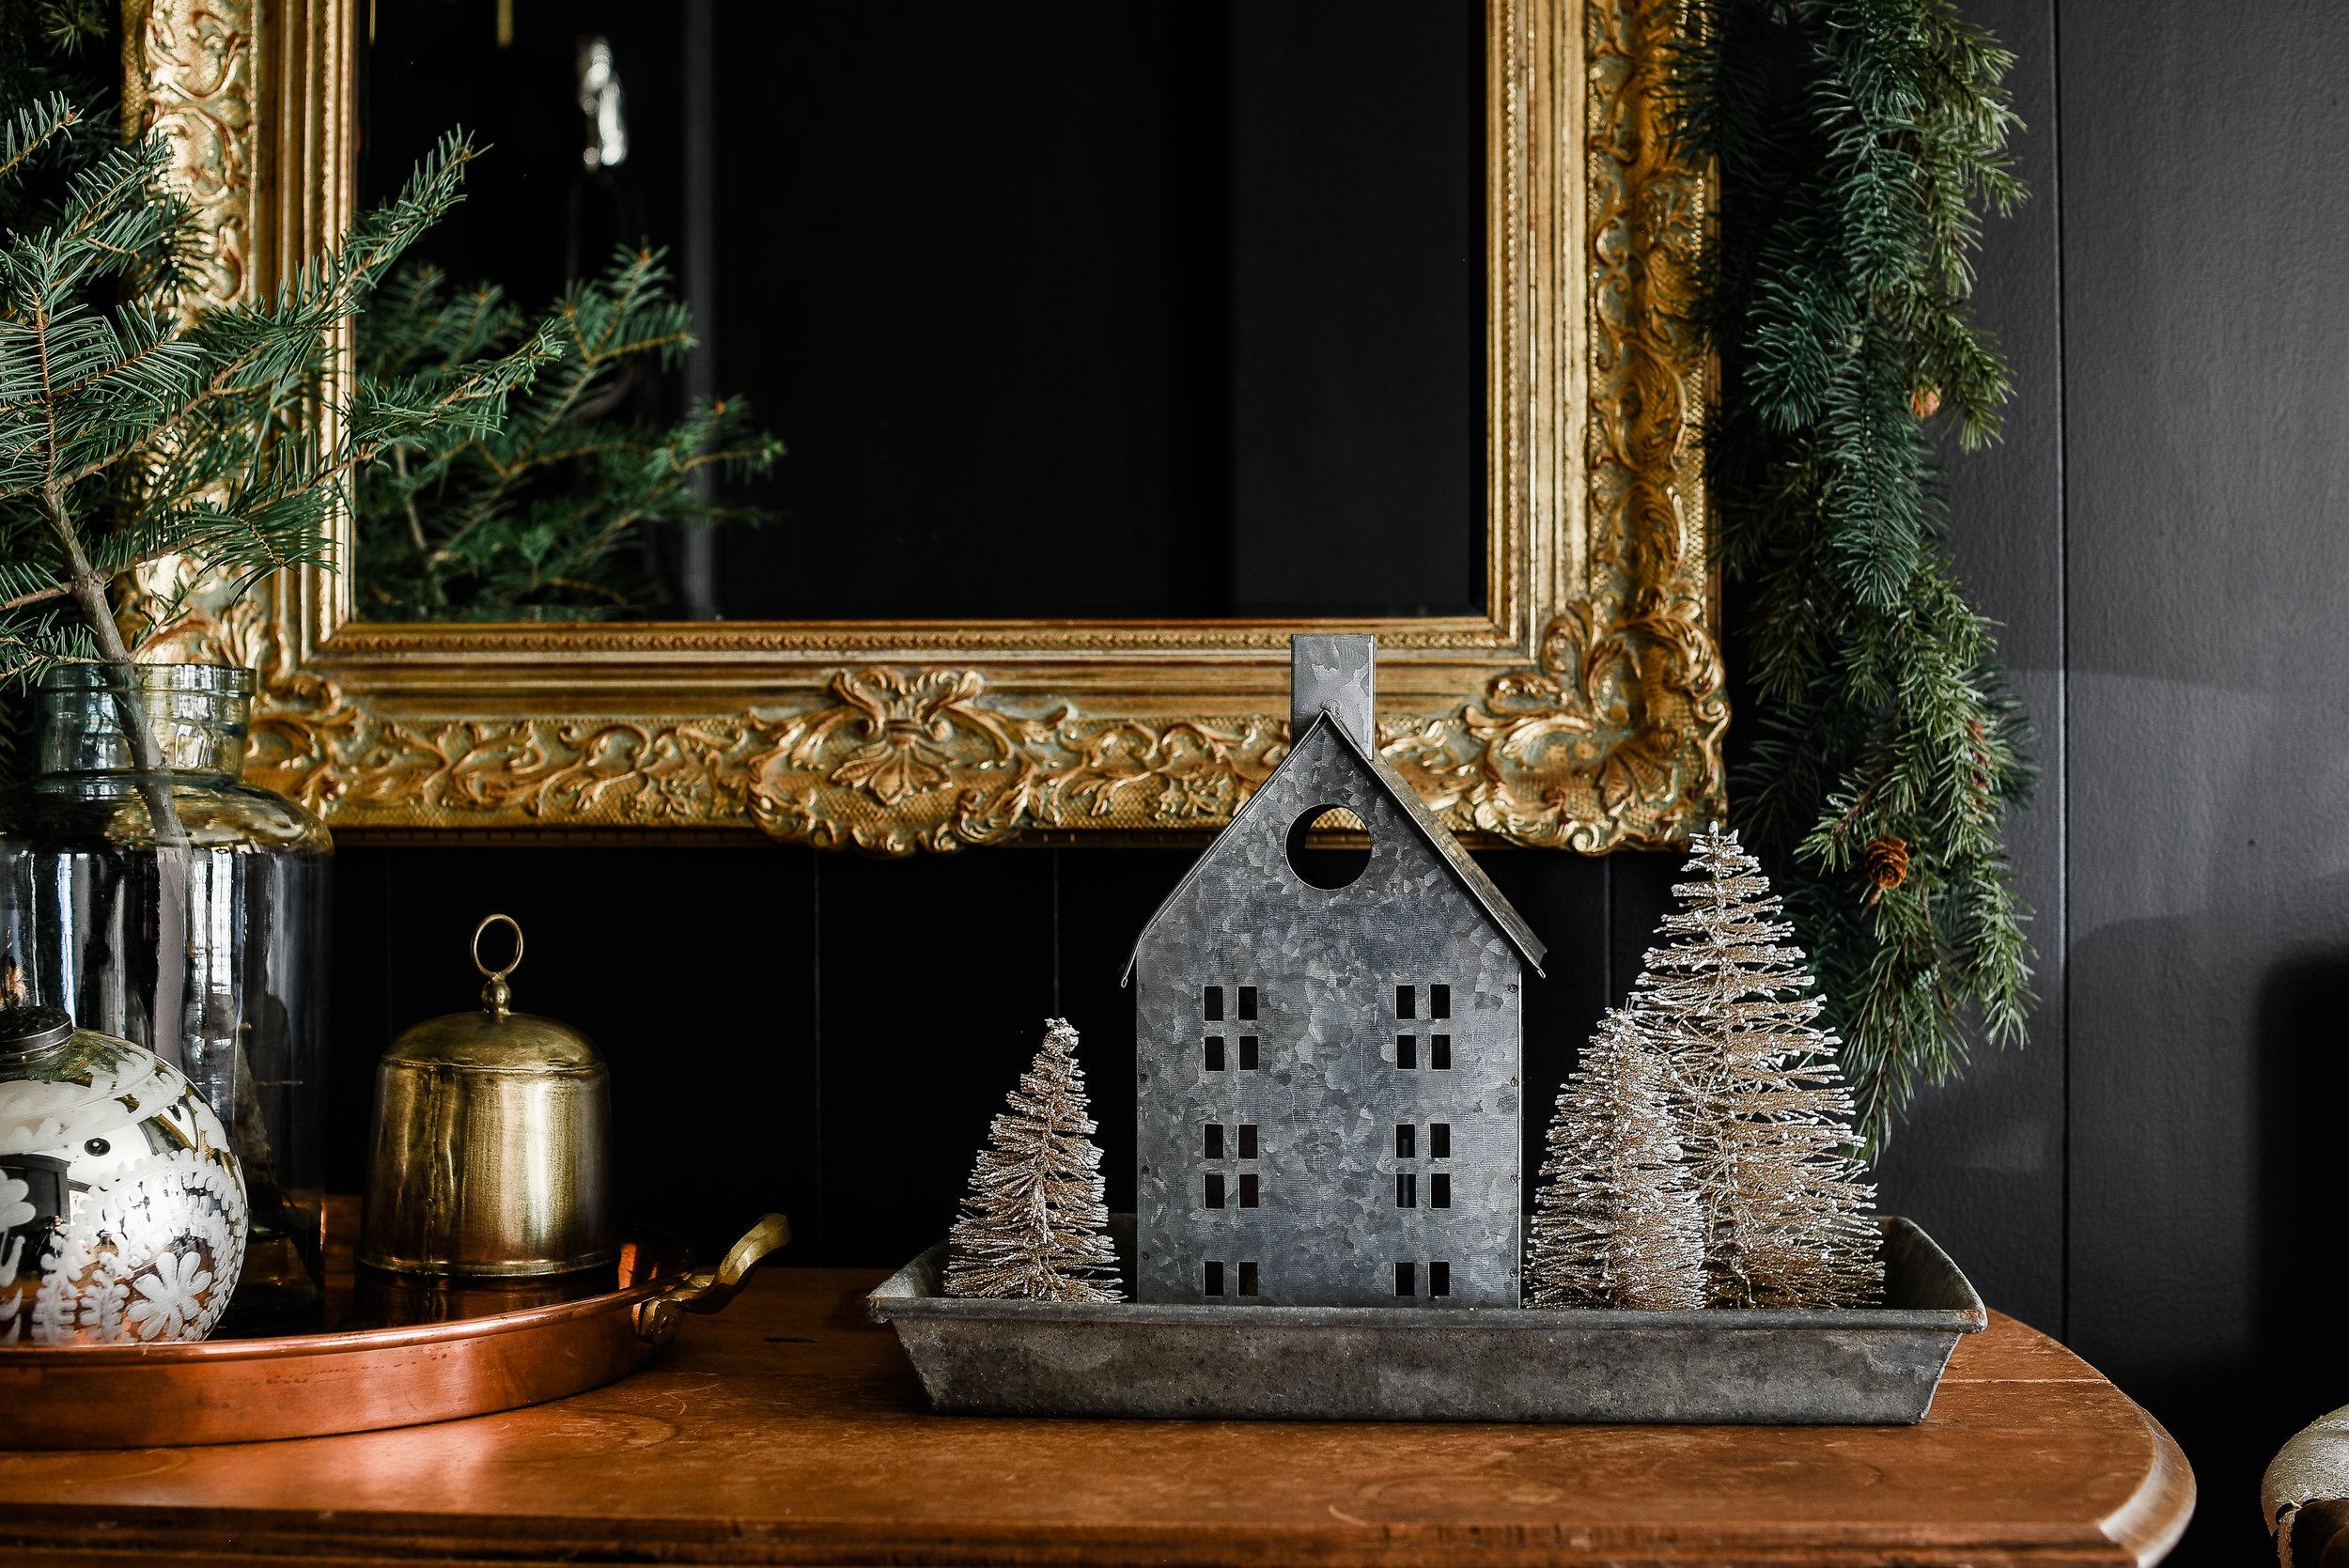 Christmas farmhouse decorating ideas | boxwoodavenue.com #farmhousechristmas #christmasdecoratingideas